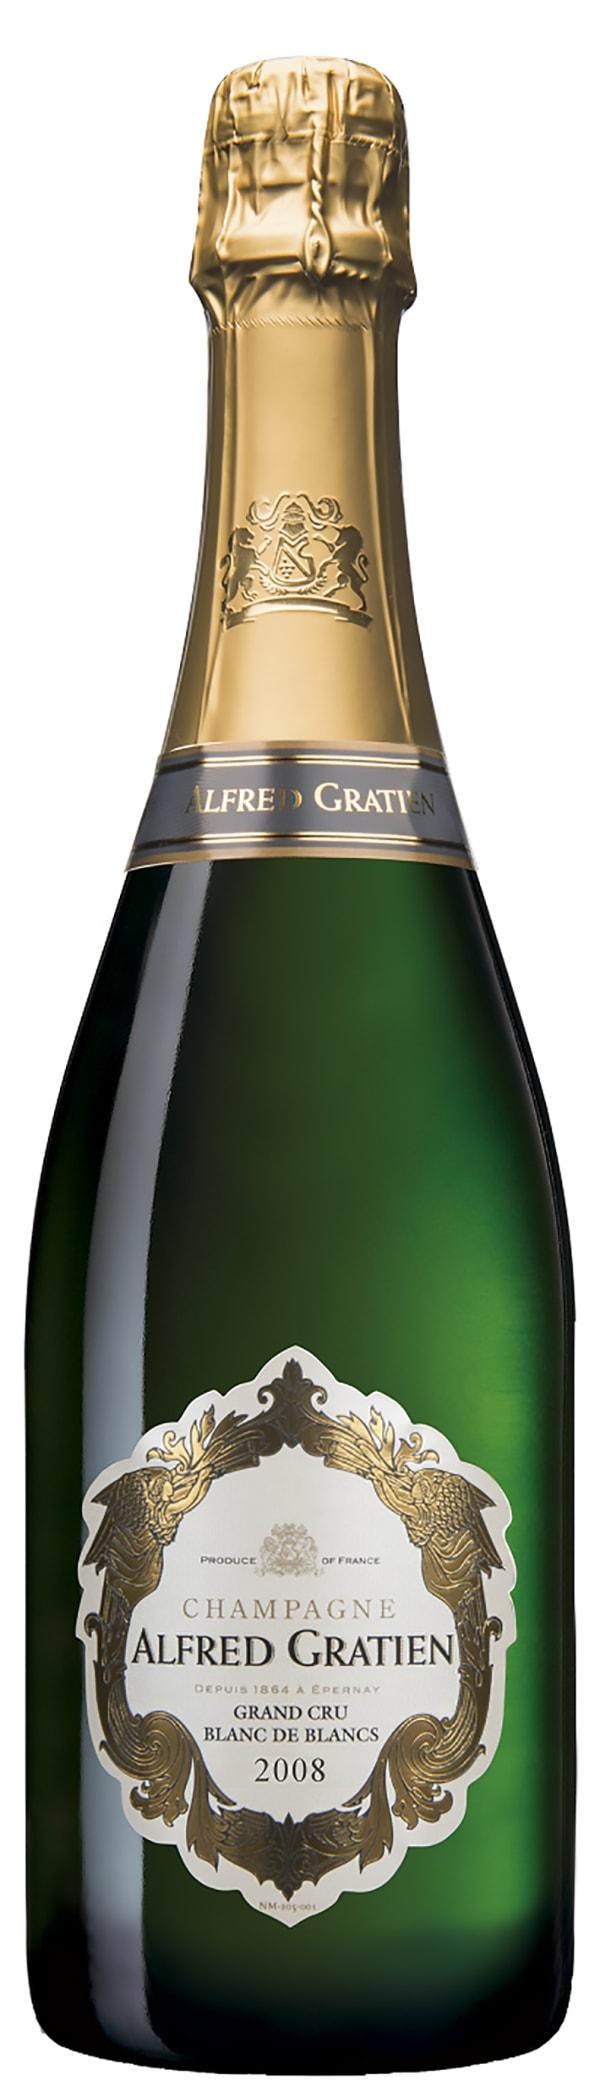 Alfred Gratien Blanc de Blancs Champagne Brut 2008